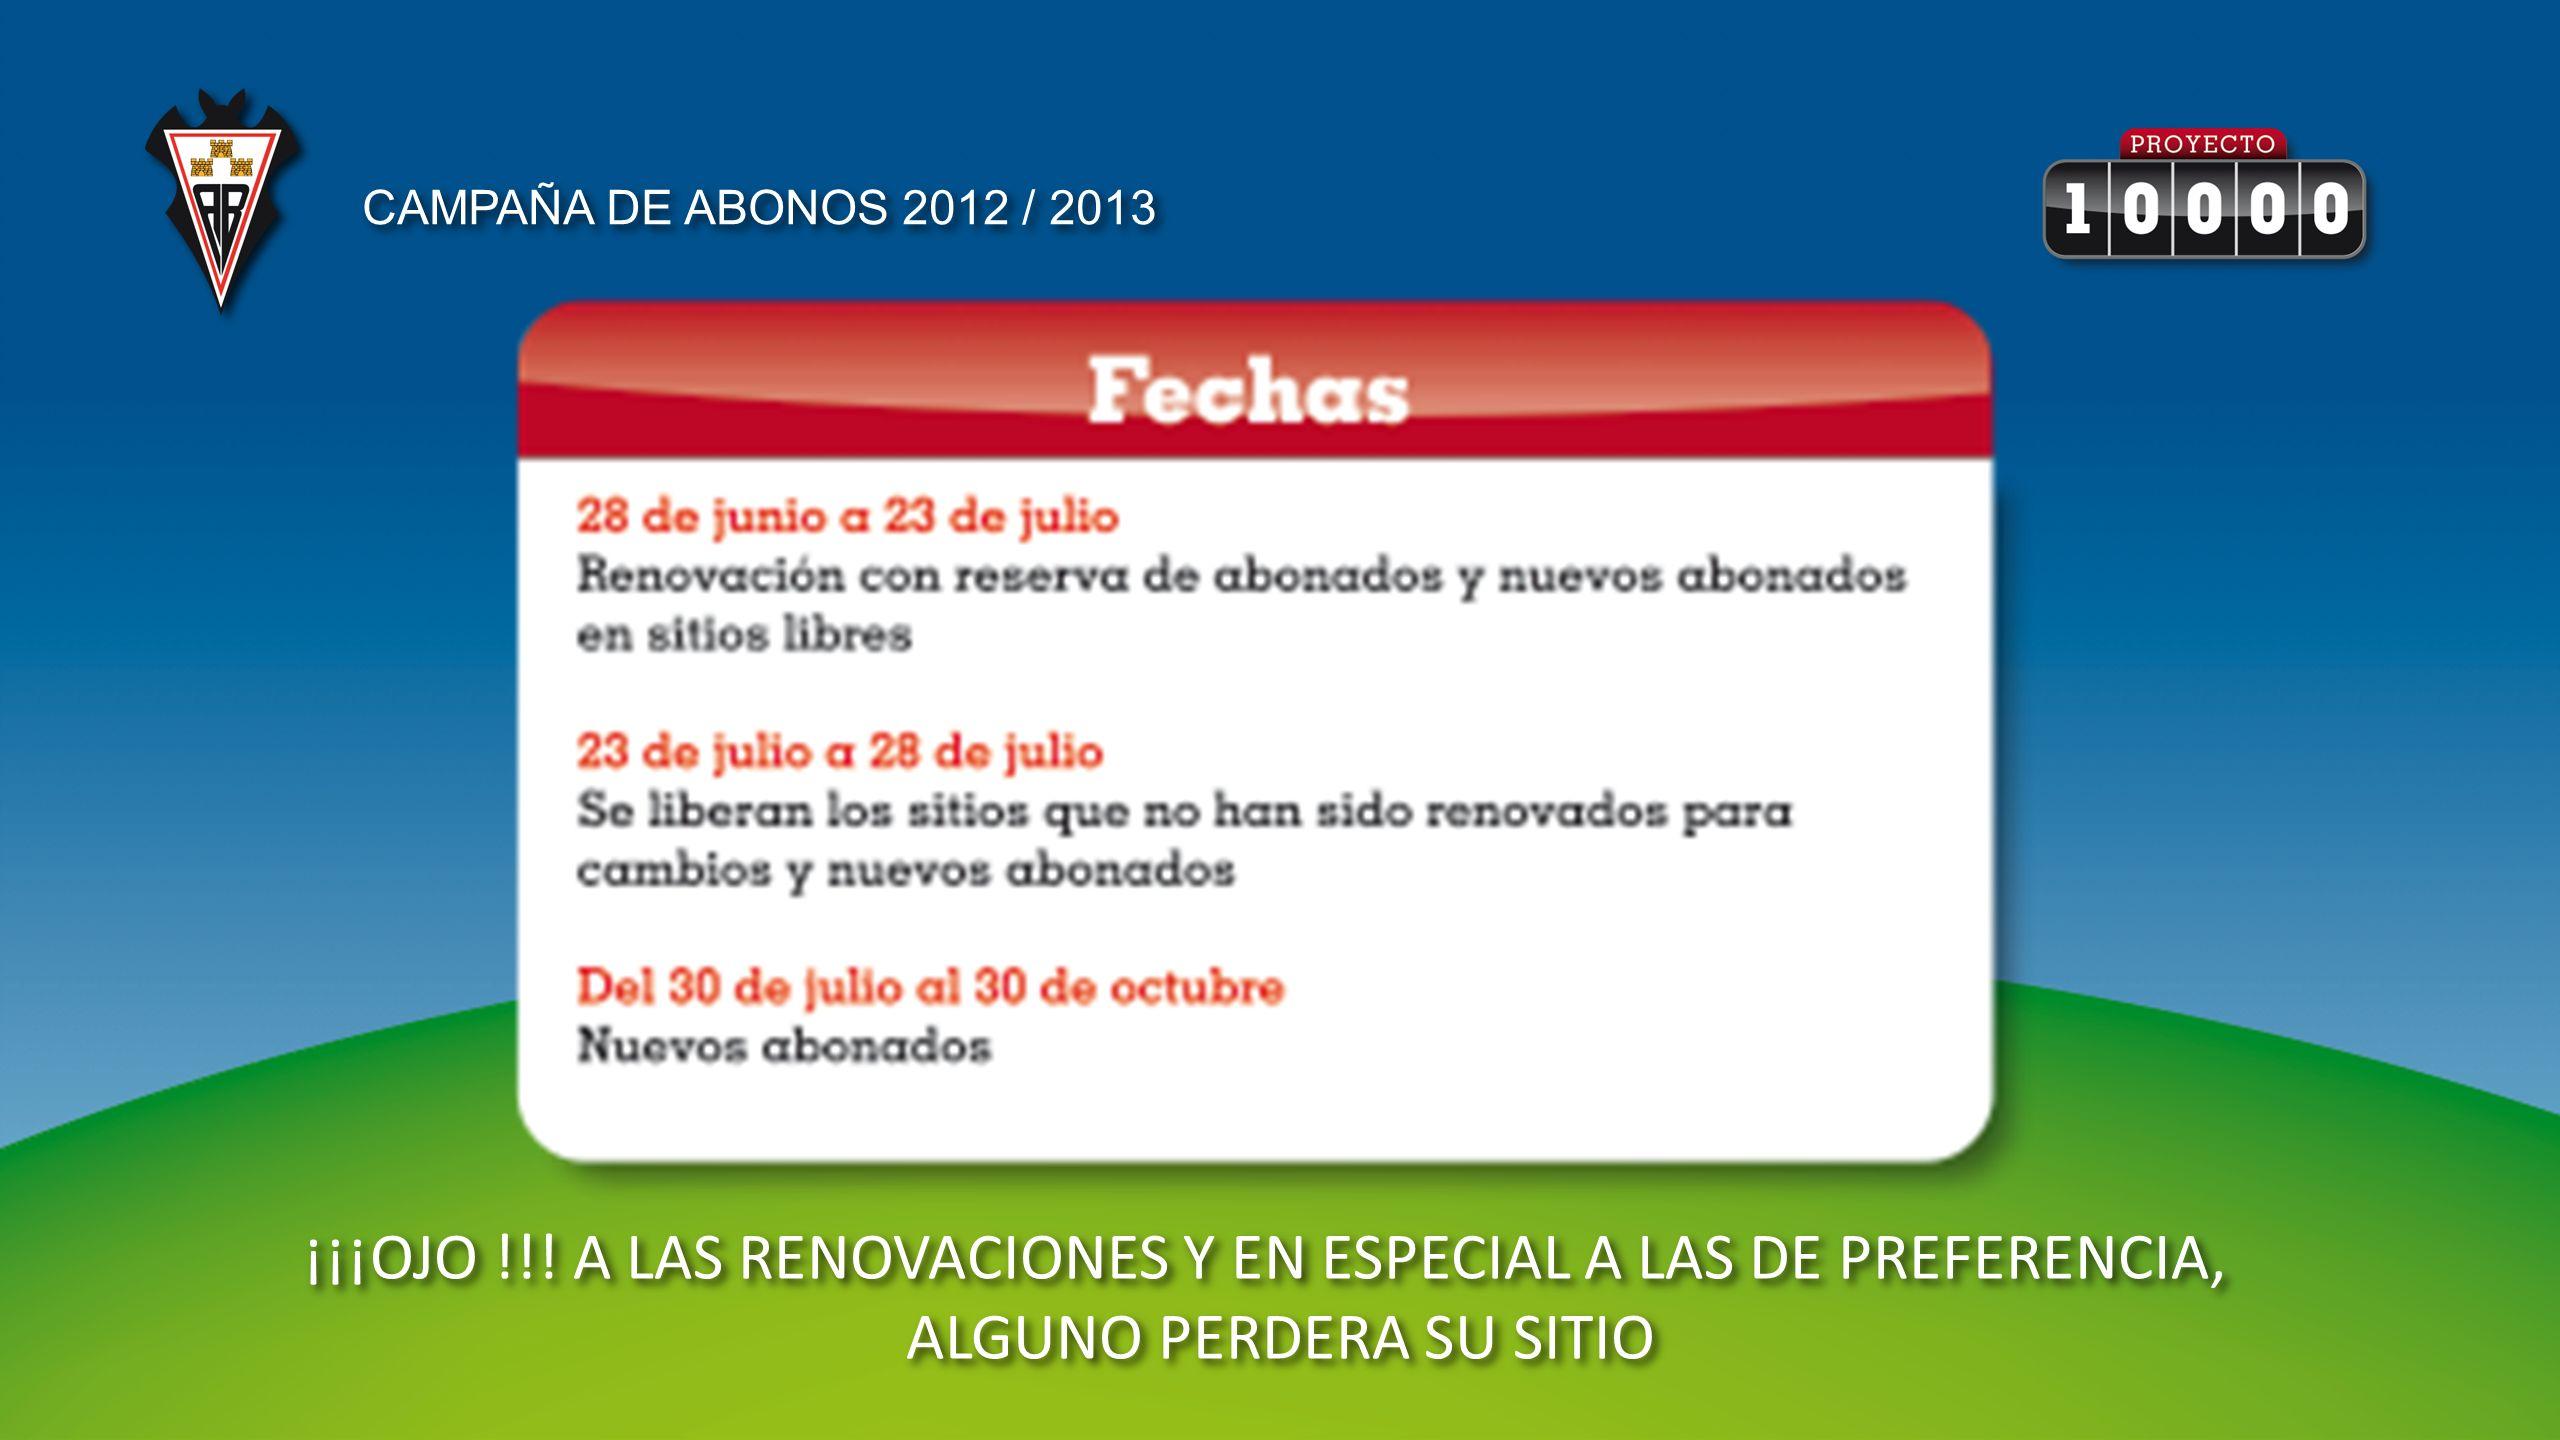 ¡¡¡OJO !!! A LAS RENOVACIONES Y EN ESPECIAL A LAS DE PREFERENCIA, ALGUNO PERDERA SU SITIO CAMPAÑA DE ABONOS 2012 / 2013